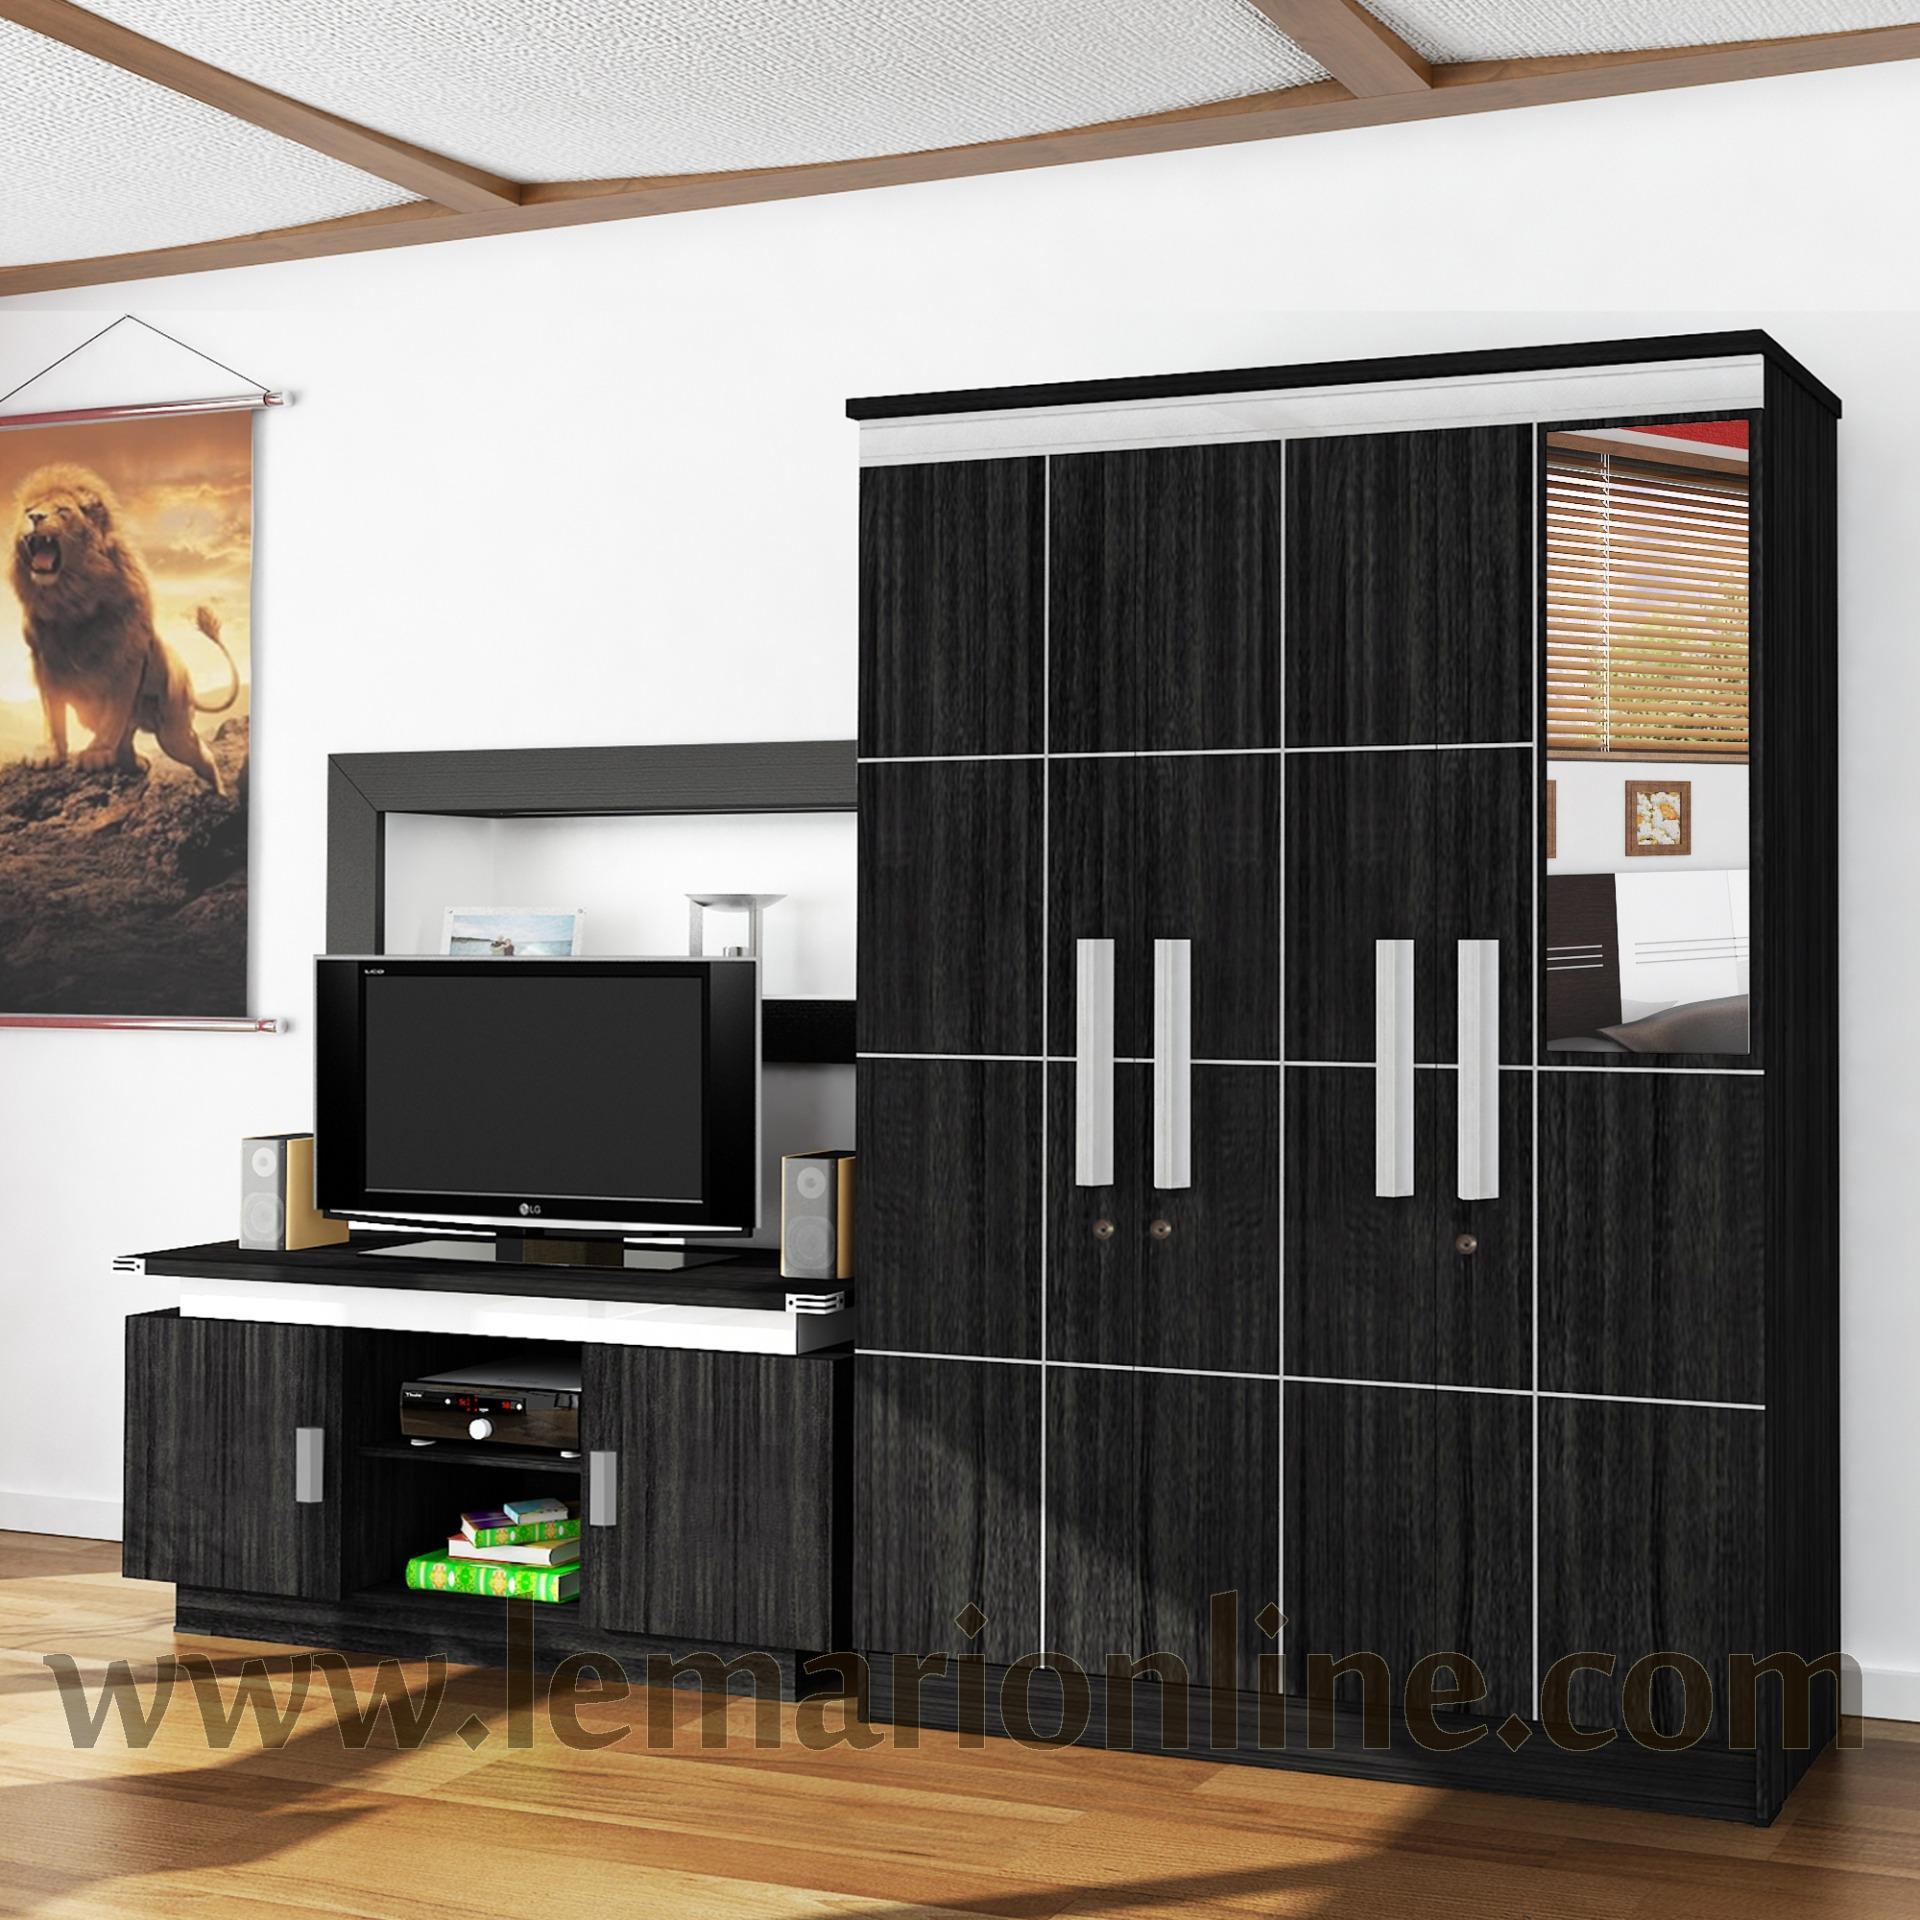 Graver Furniture Lemari Pakaian 3 Pintu Cermin & Meja TV (Paket Ekonomis)